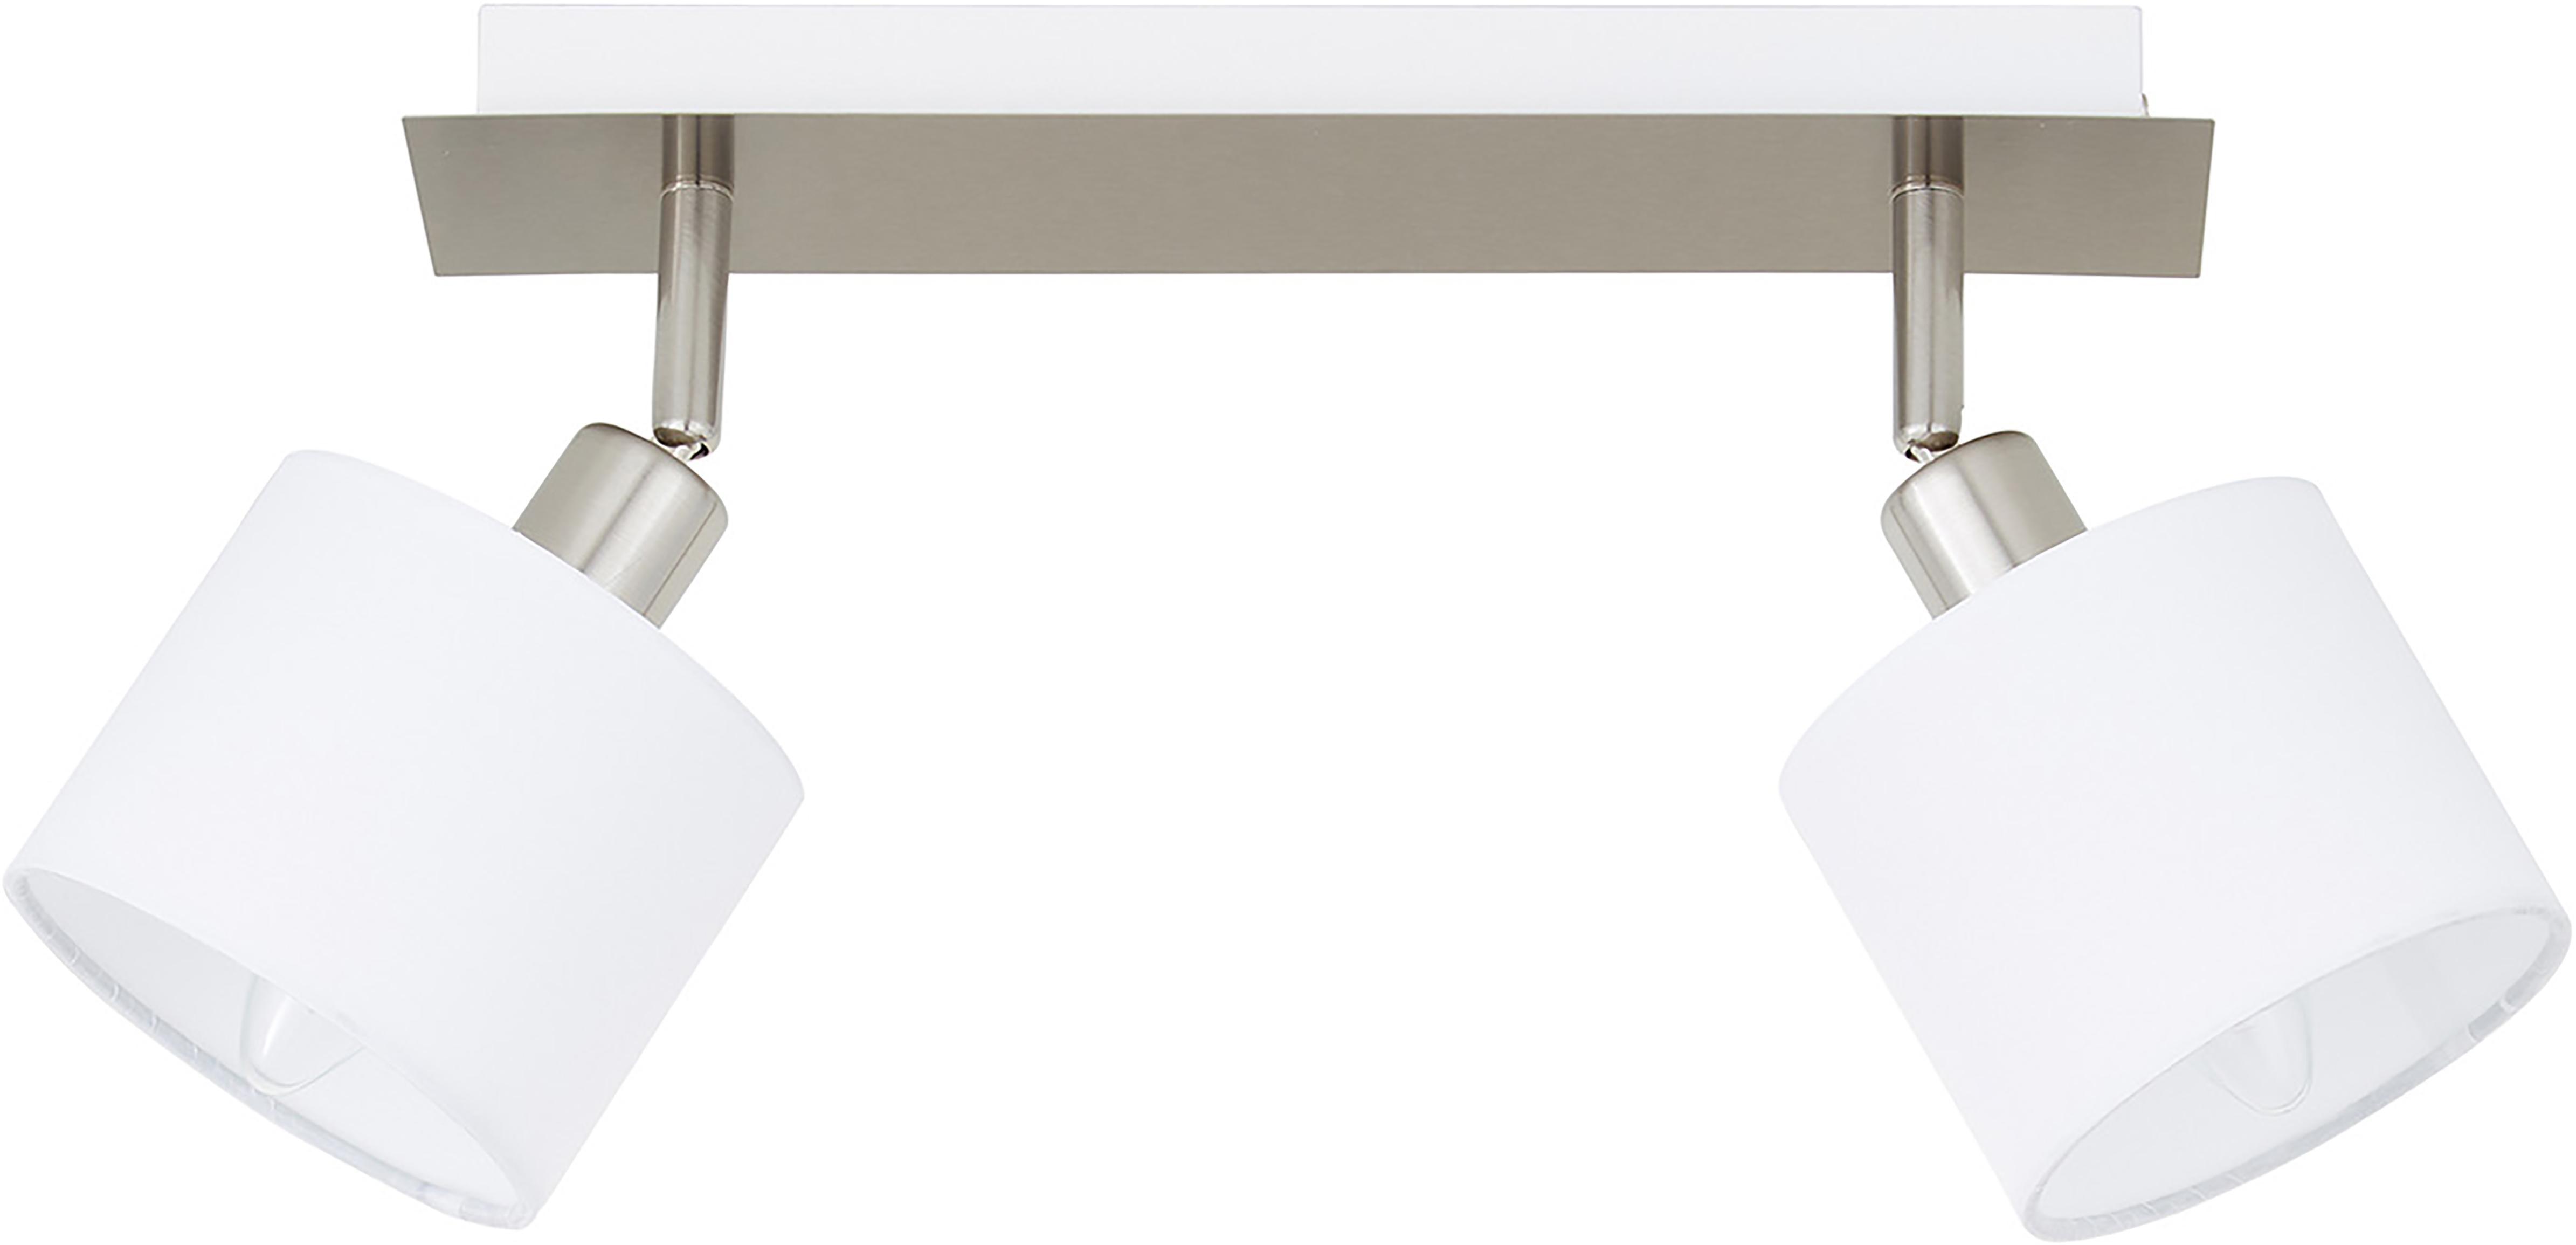 Plafondlamp Casper, Baldakijn: vernikkeld metaal, Zilverkleurig, wit, 32 x 7 cm